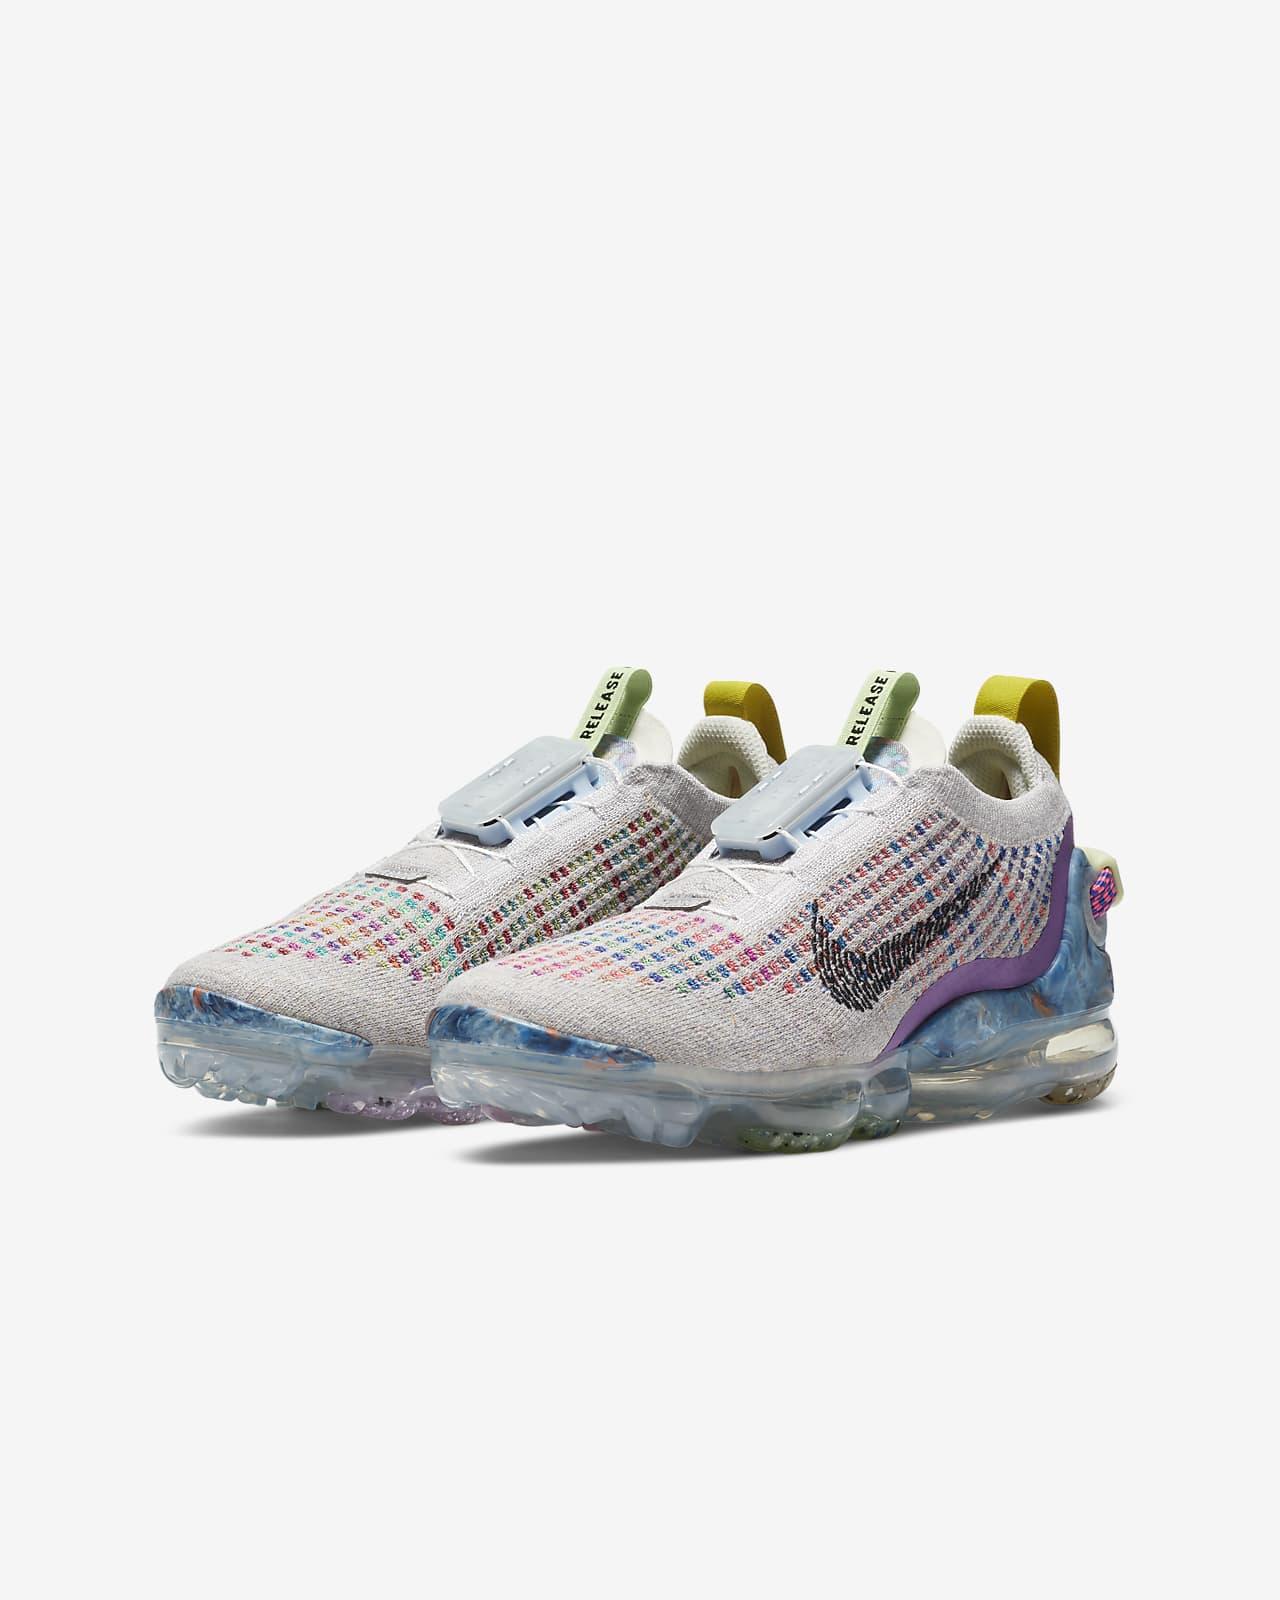 Nike Air Vapormax Plus Sneakers in 2020 Nike air Pinterest